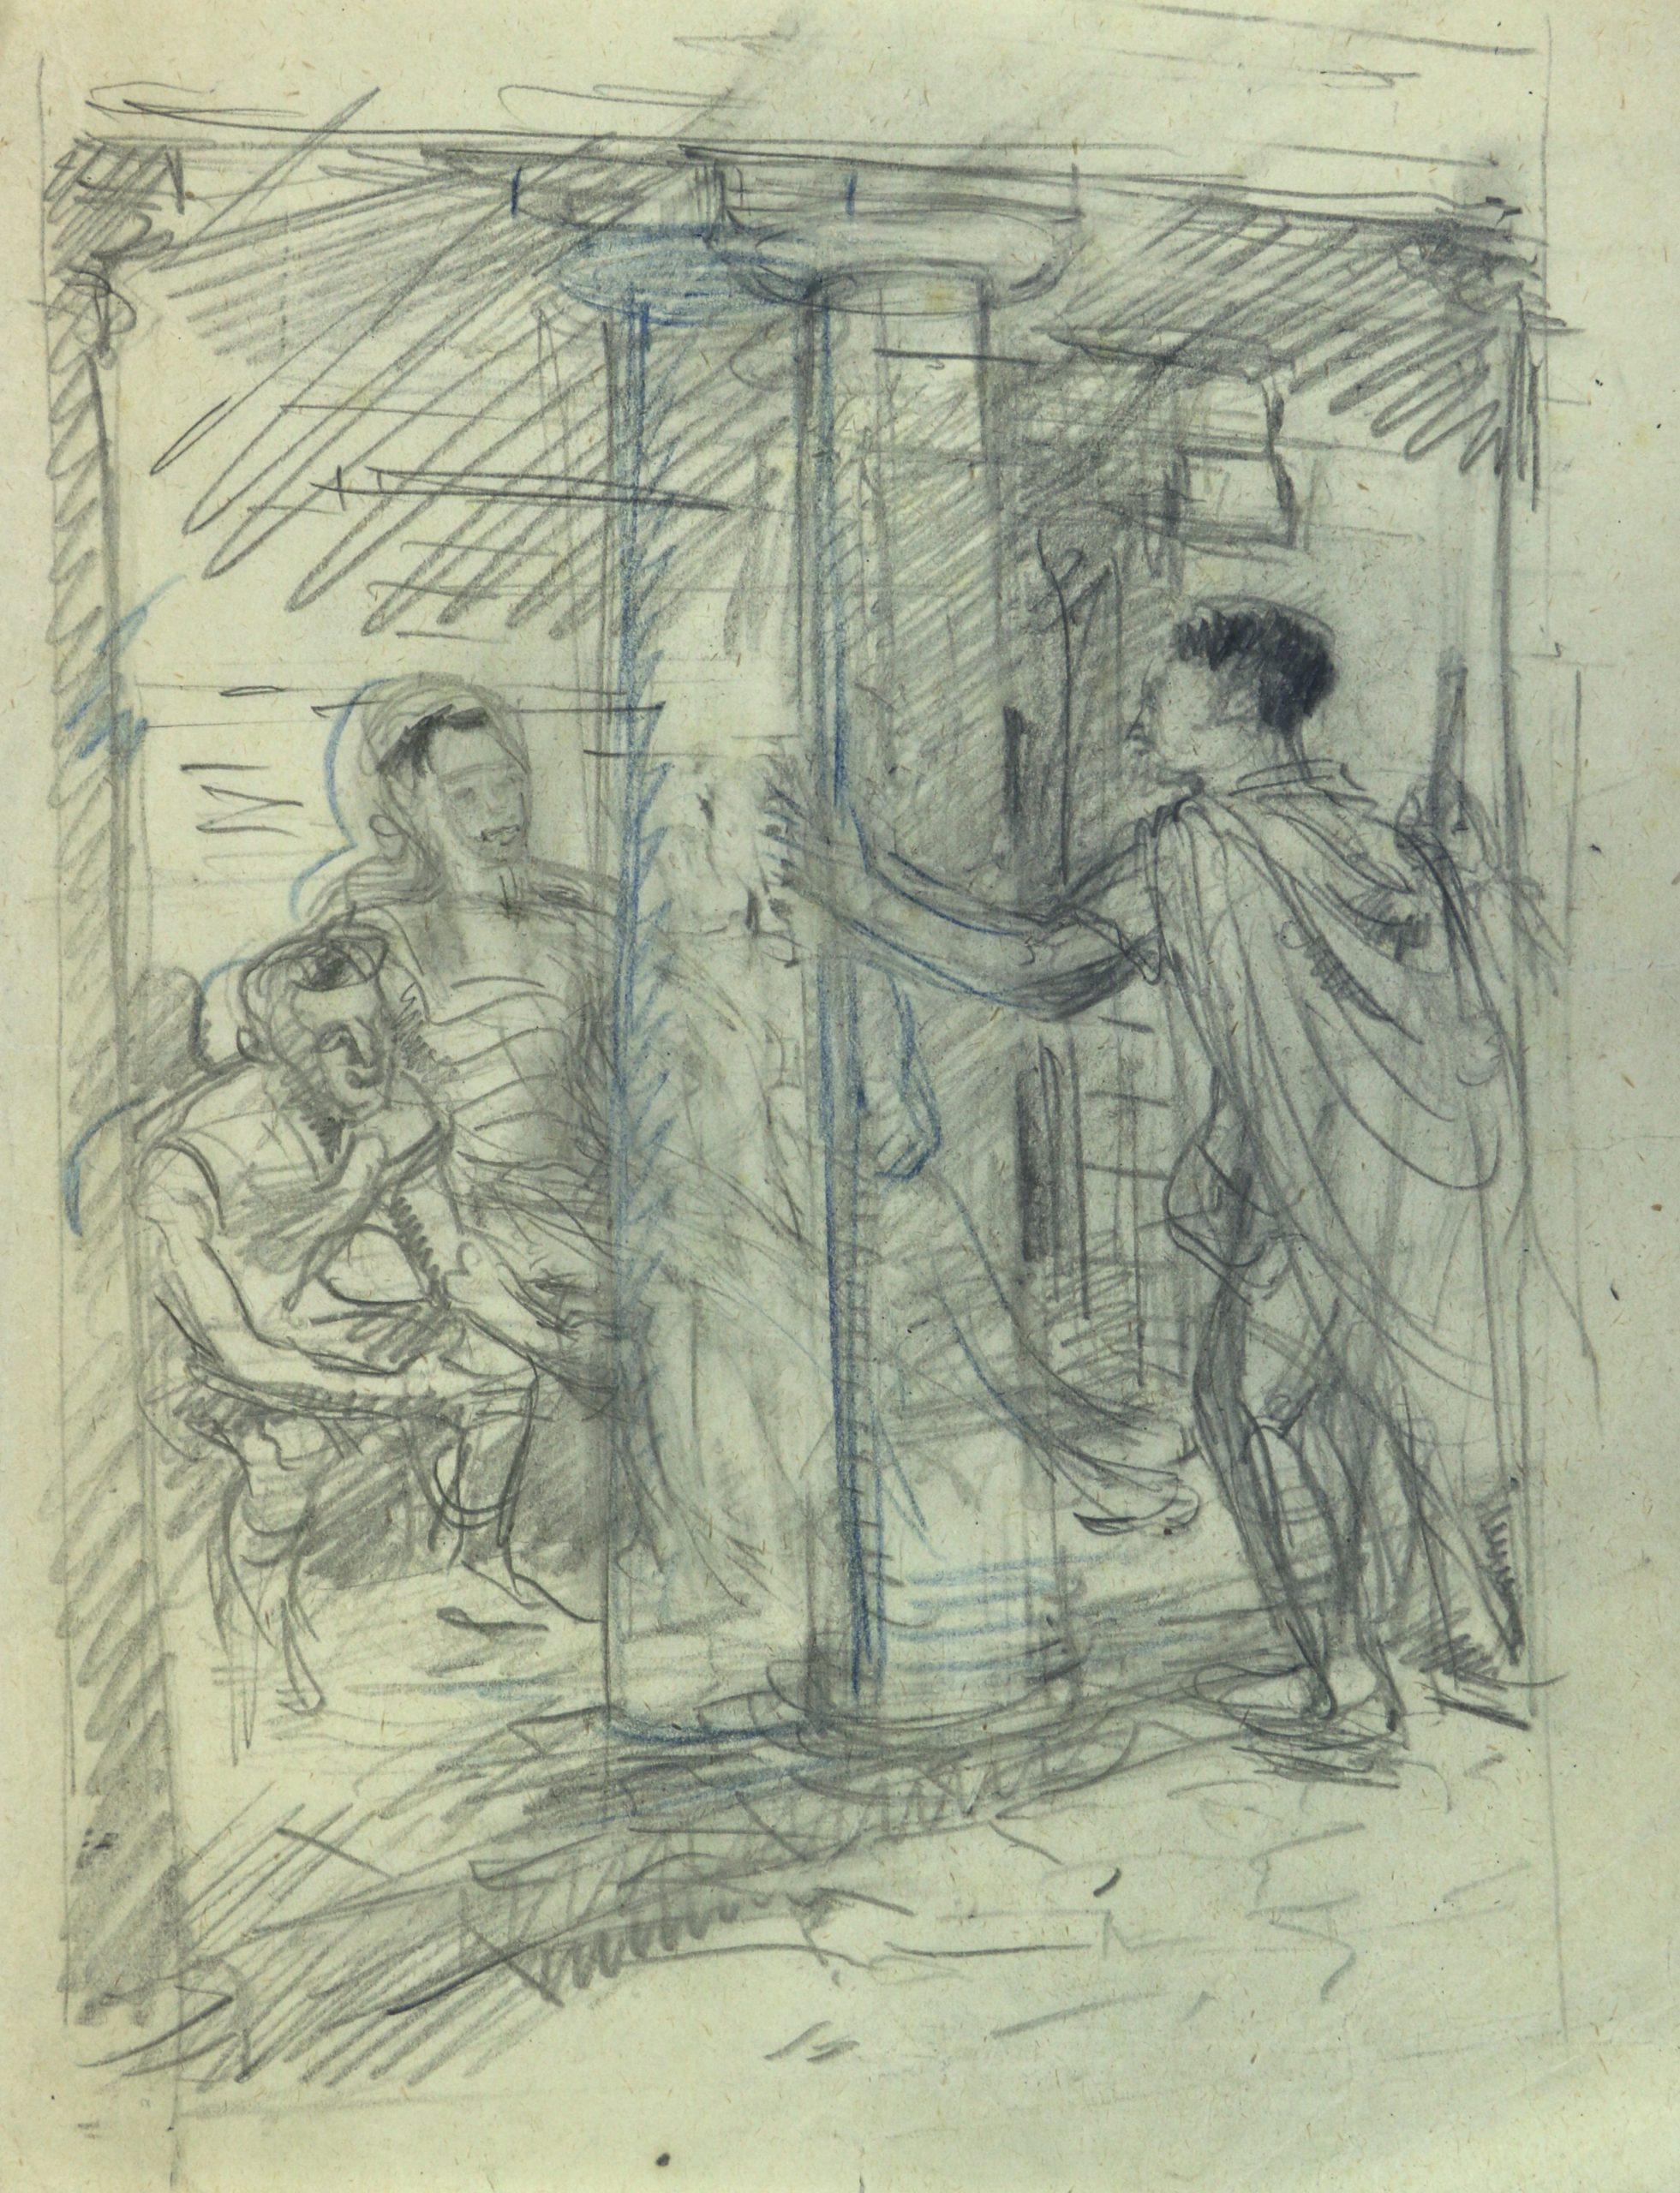 Allen Seaby, Leon of Massalia, Chapter 21: The Painted Stoa